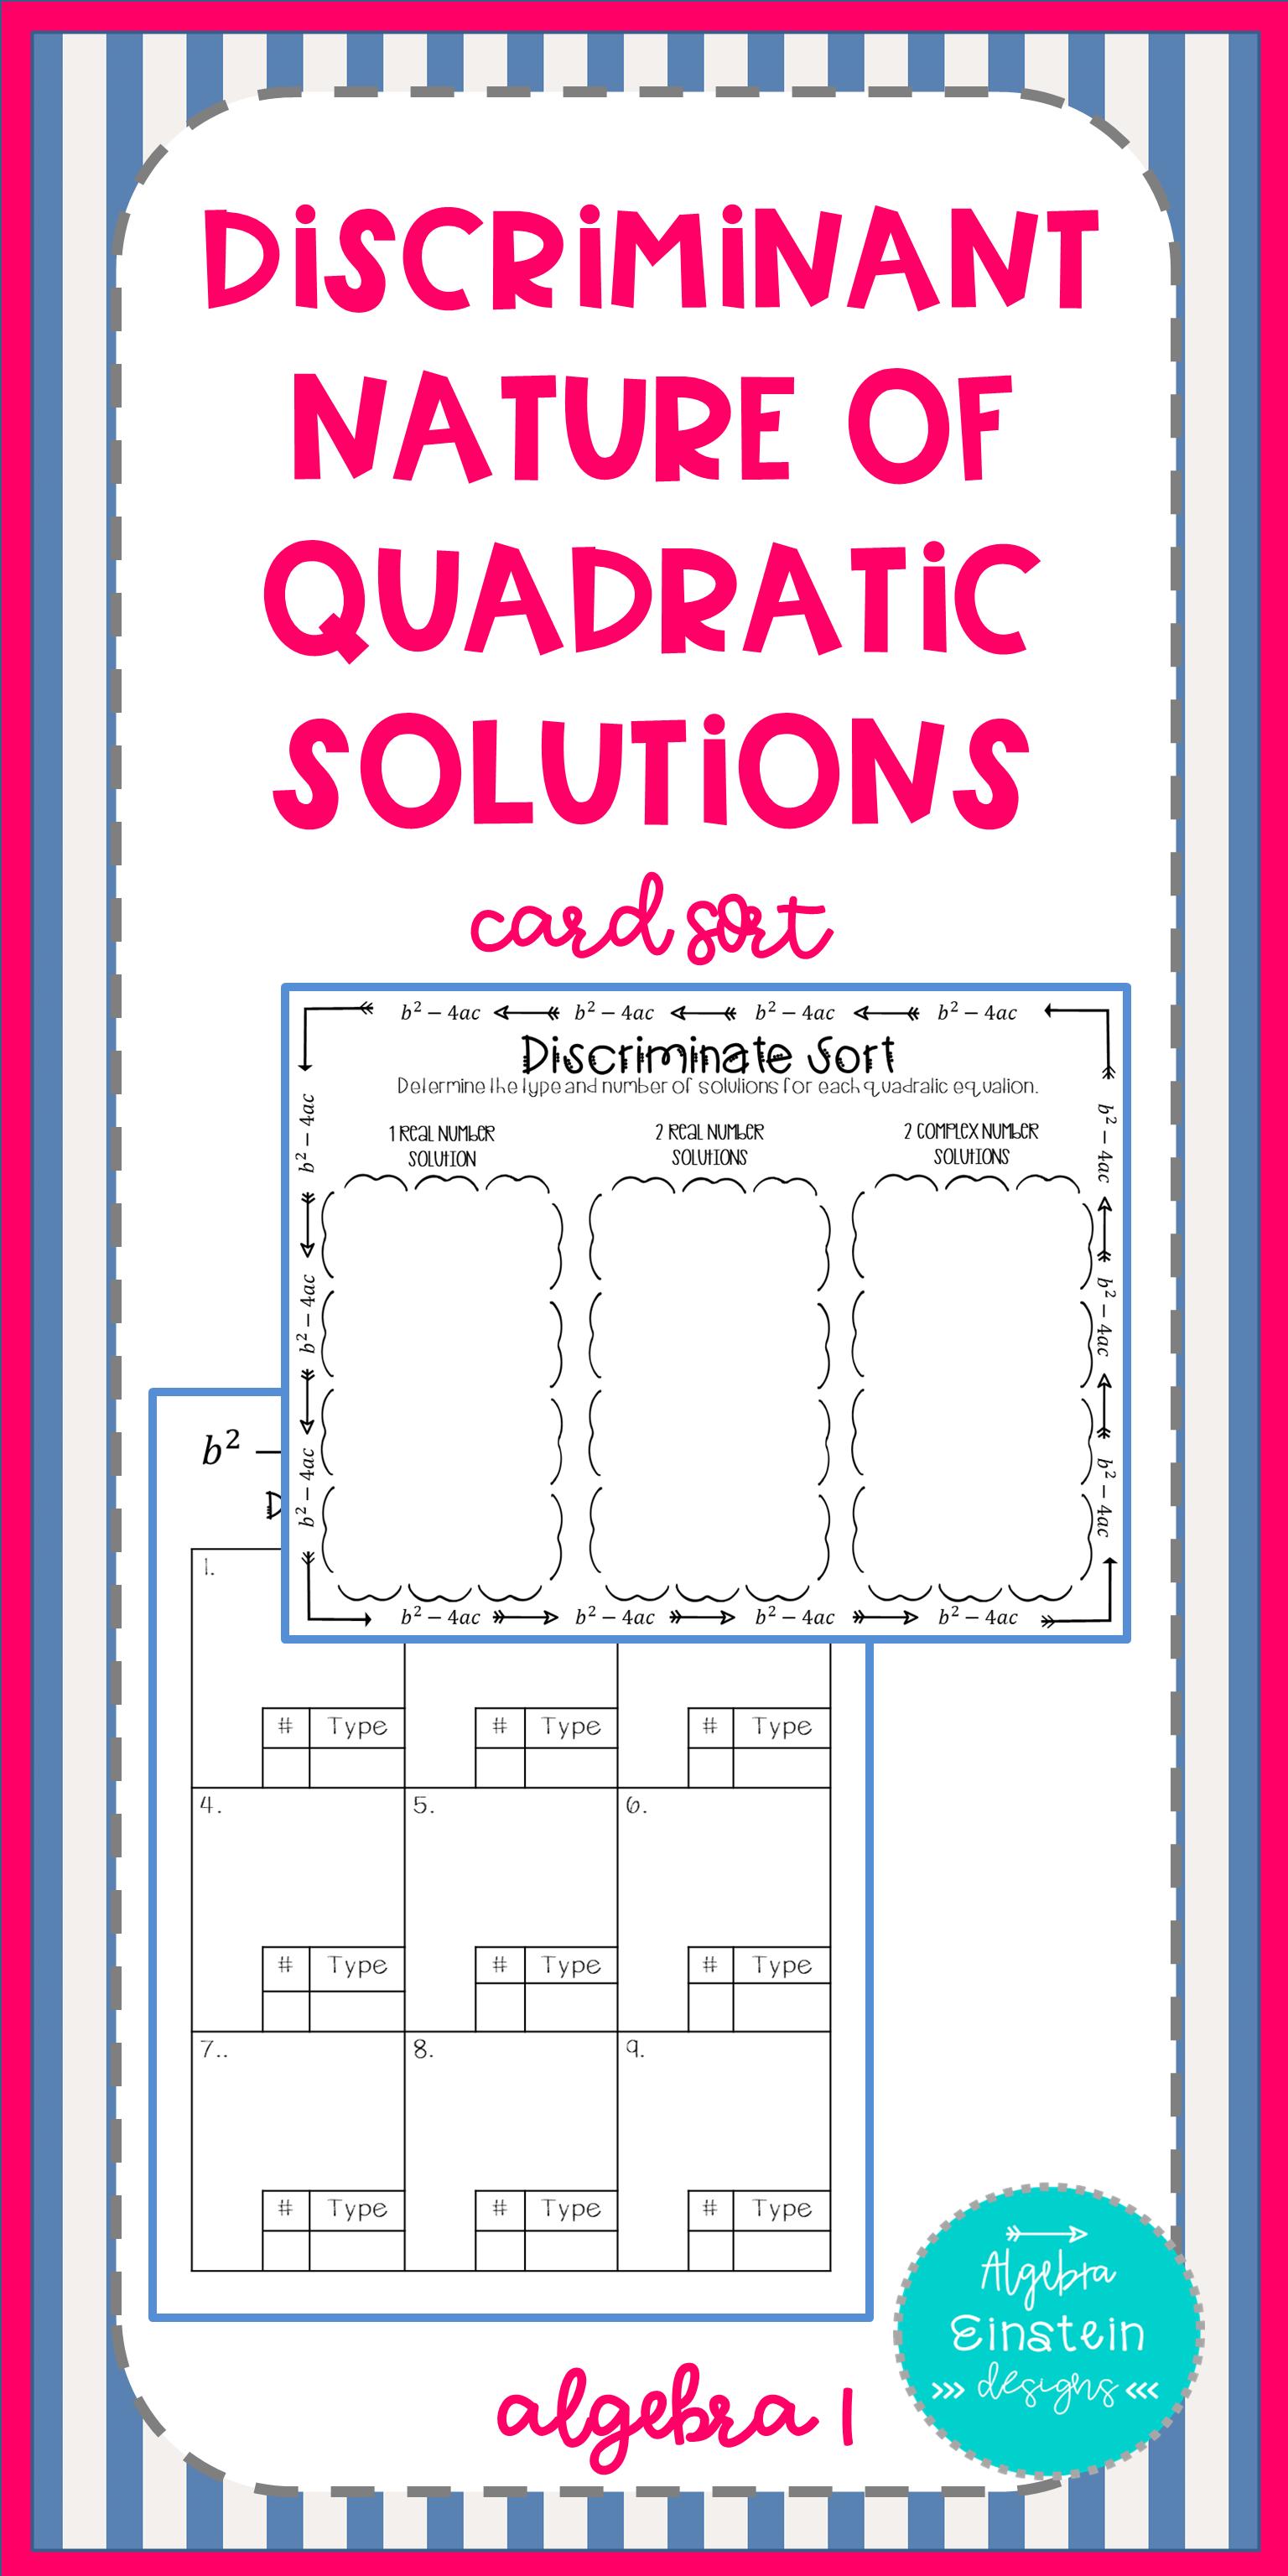 Solving Quadratics Discriminate